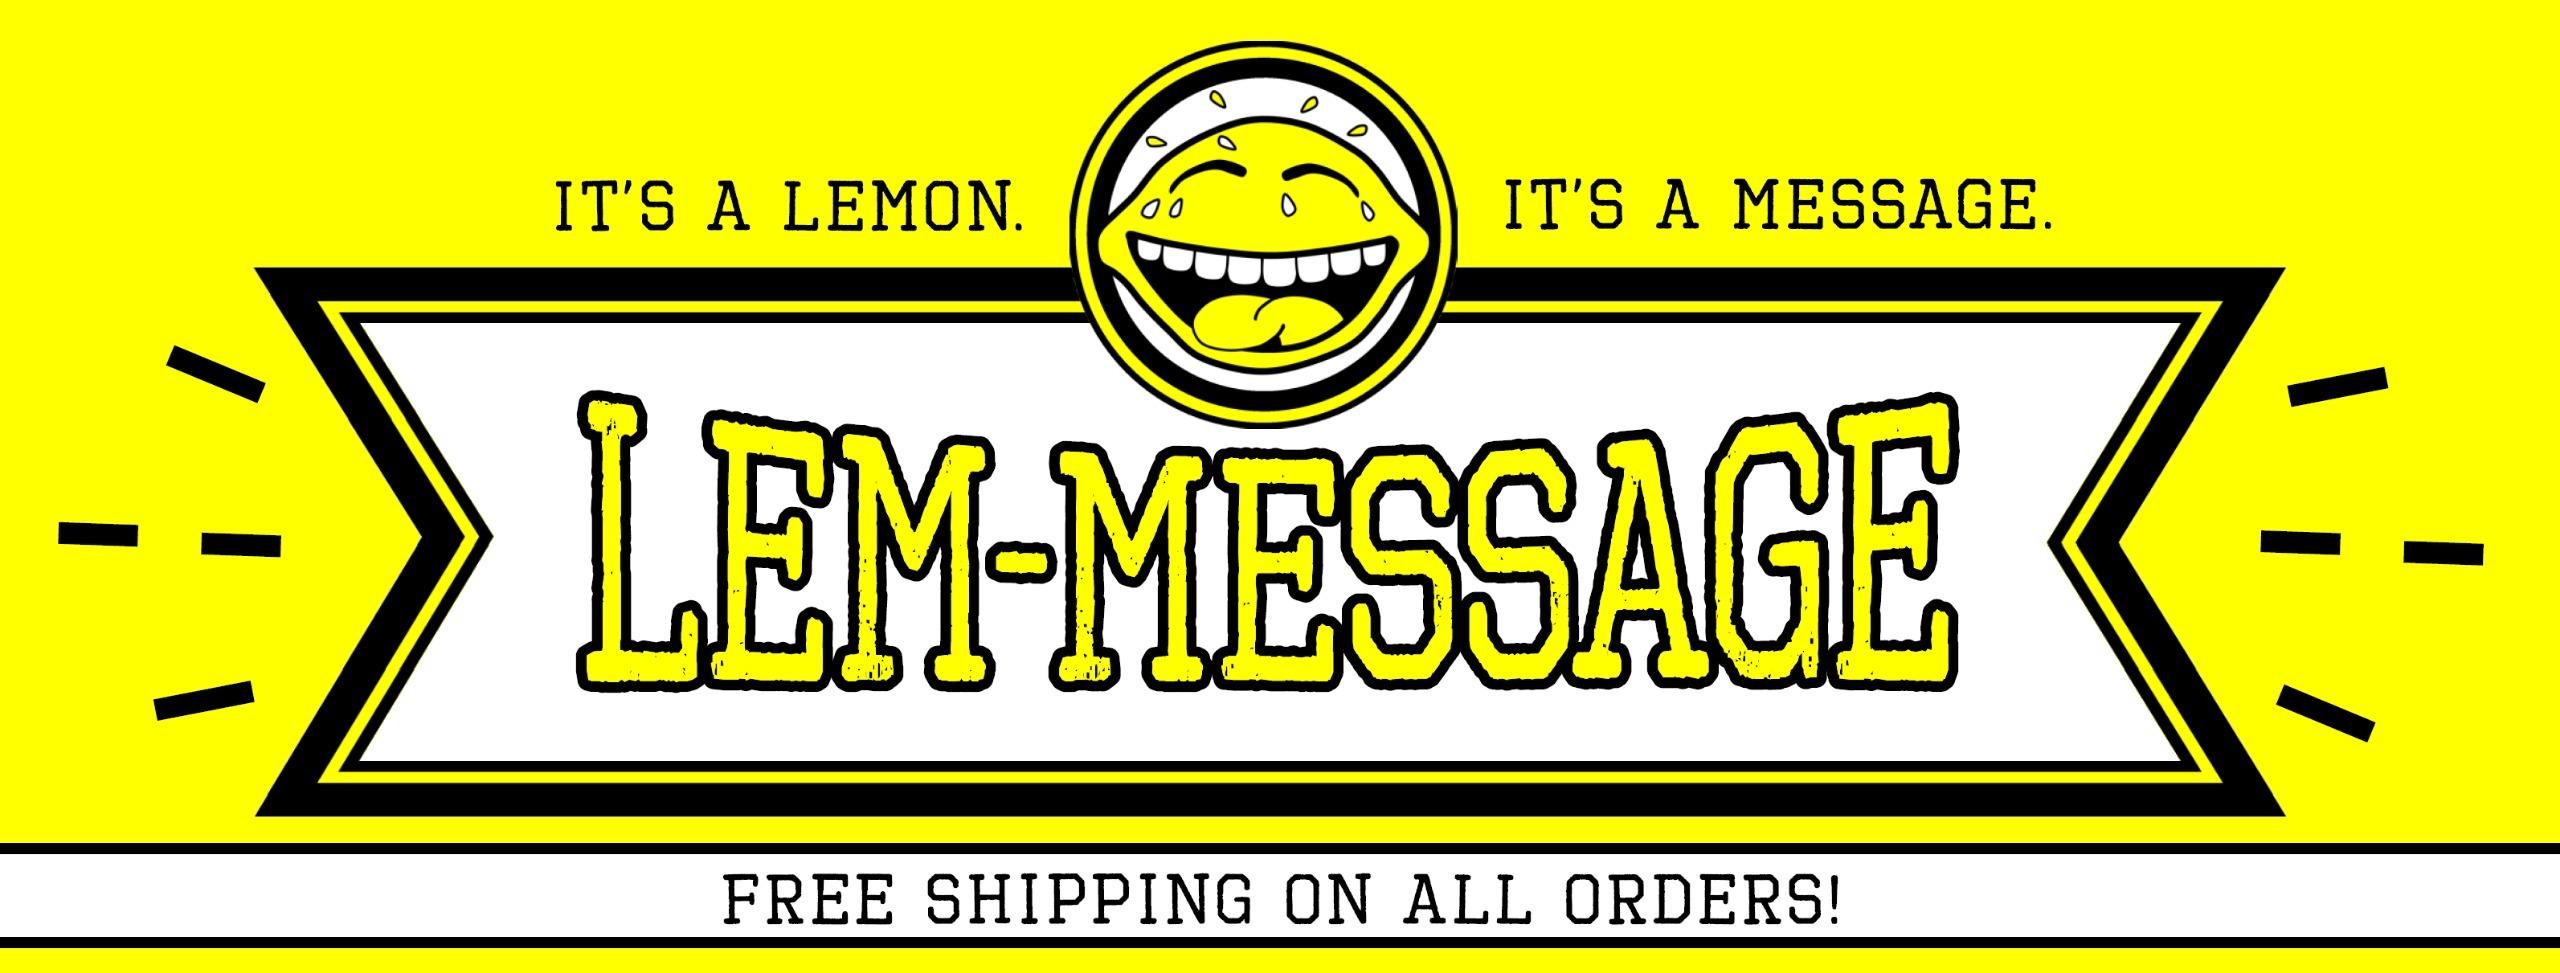 Lemon Message (@lem-message) Cover Image